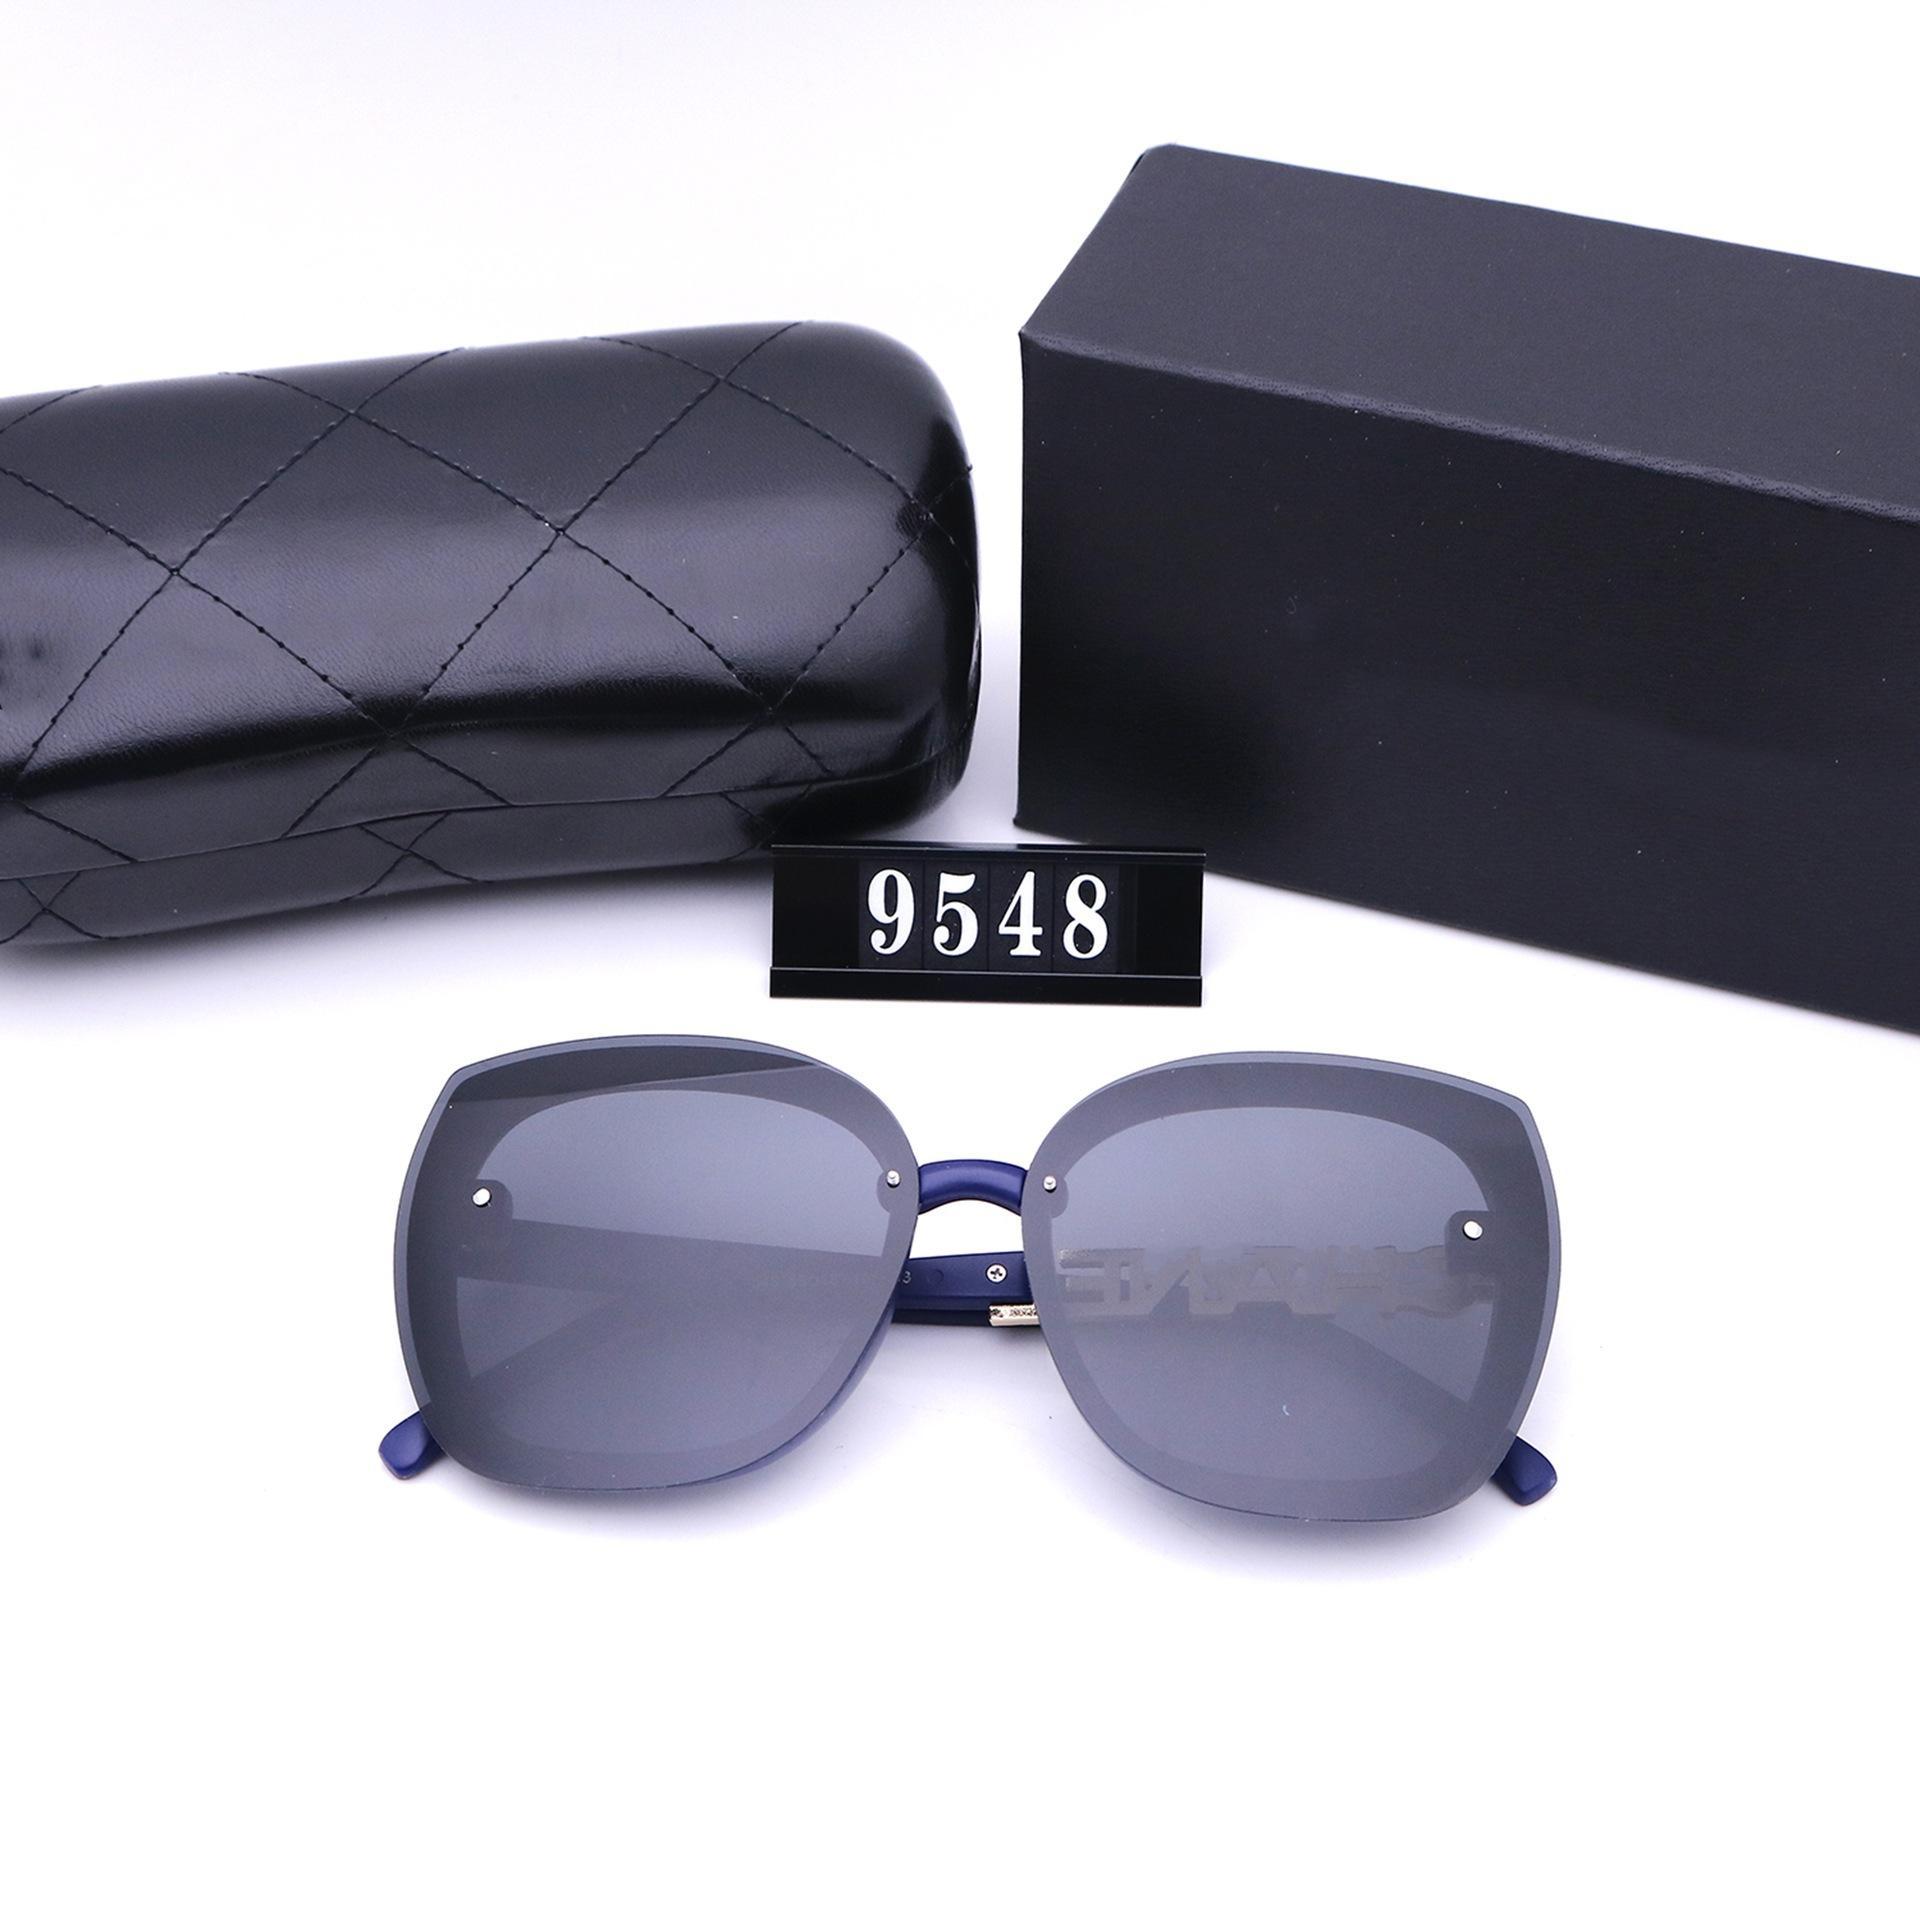 مصمم أزياء نظارات عالية الجودة العلامة التجارية المستقطبة عدسة نظارات الشمس النظارات للنساء النظارات إطار معدني 548 مع مربع حالة